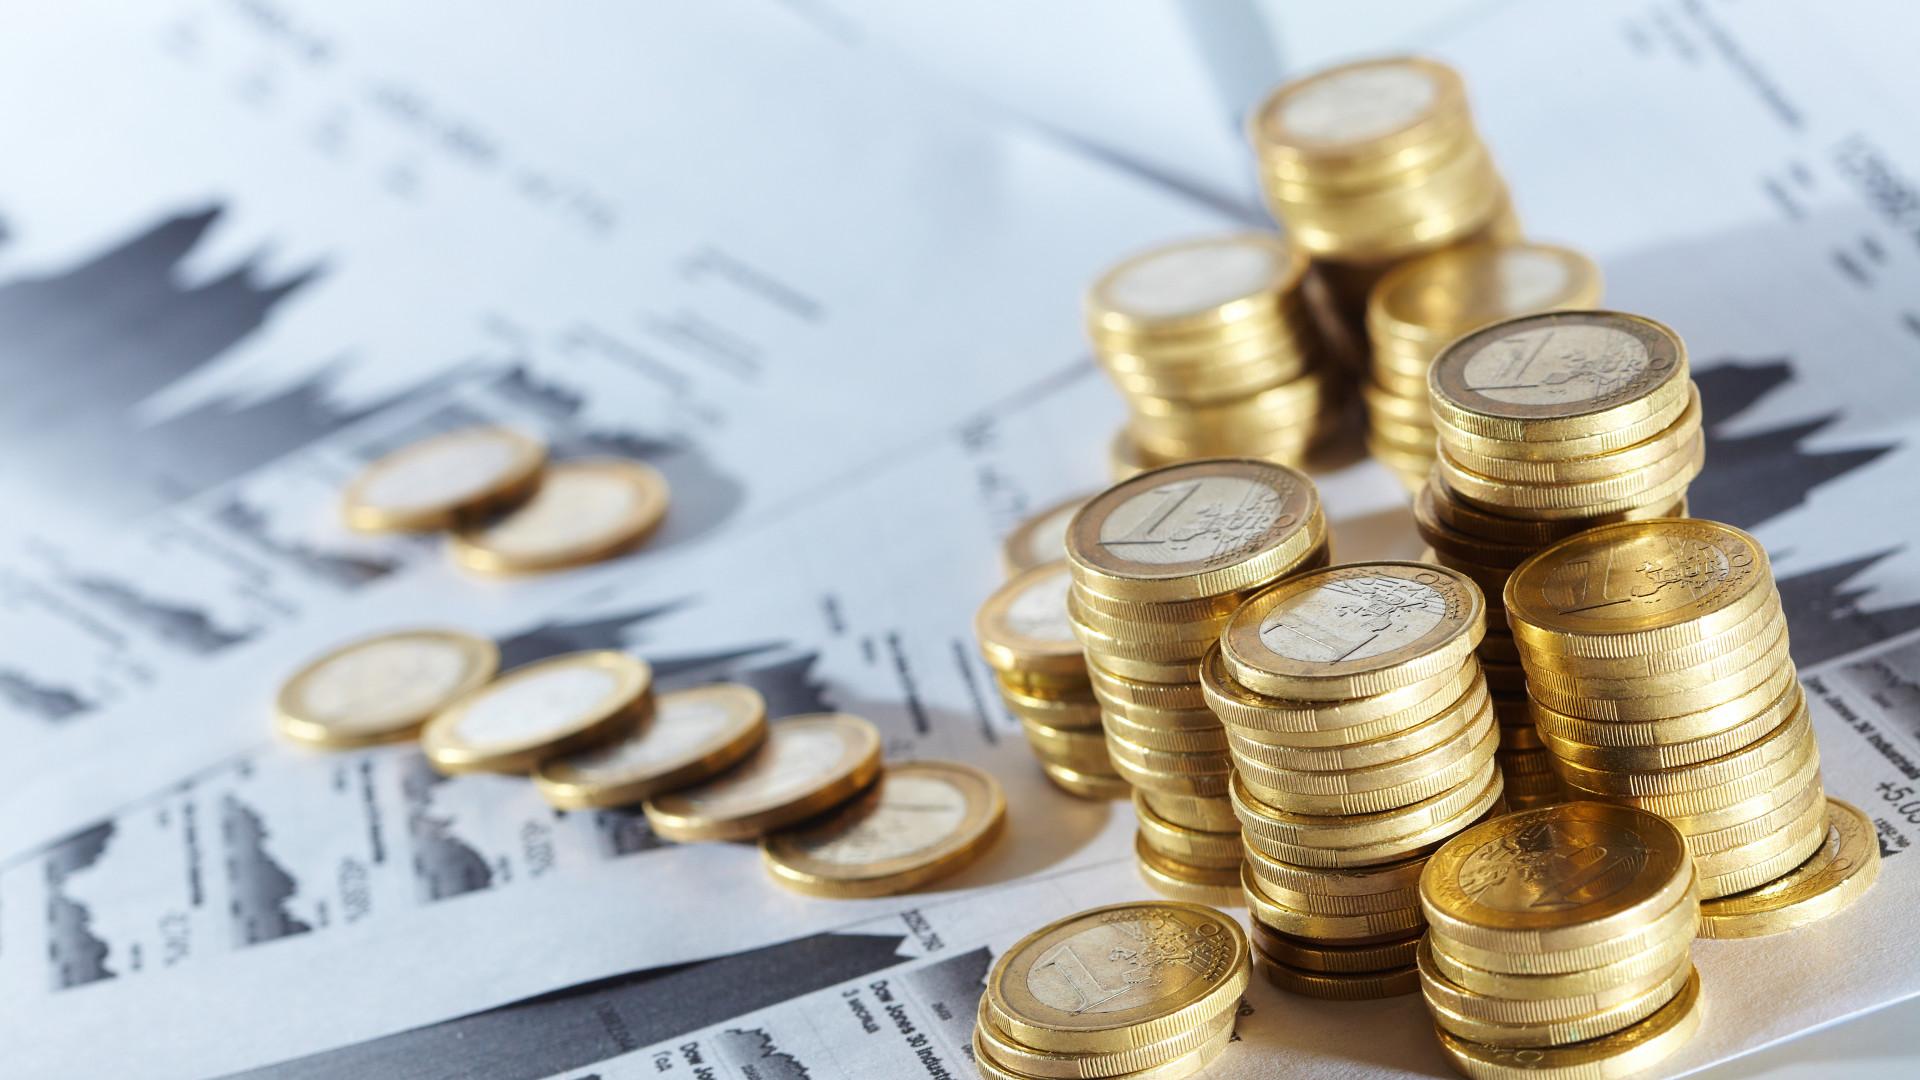 La proposte 'supply-side' eurorientate del neo governo gialloverde